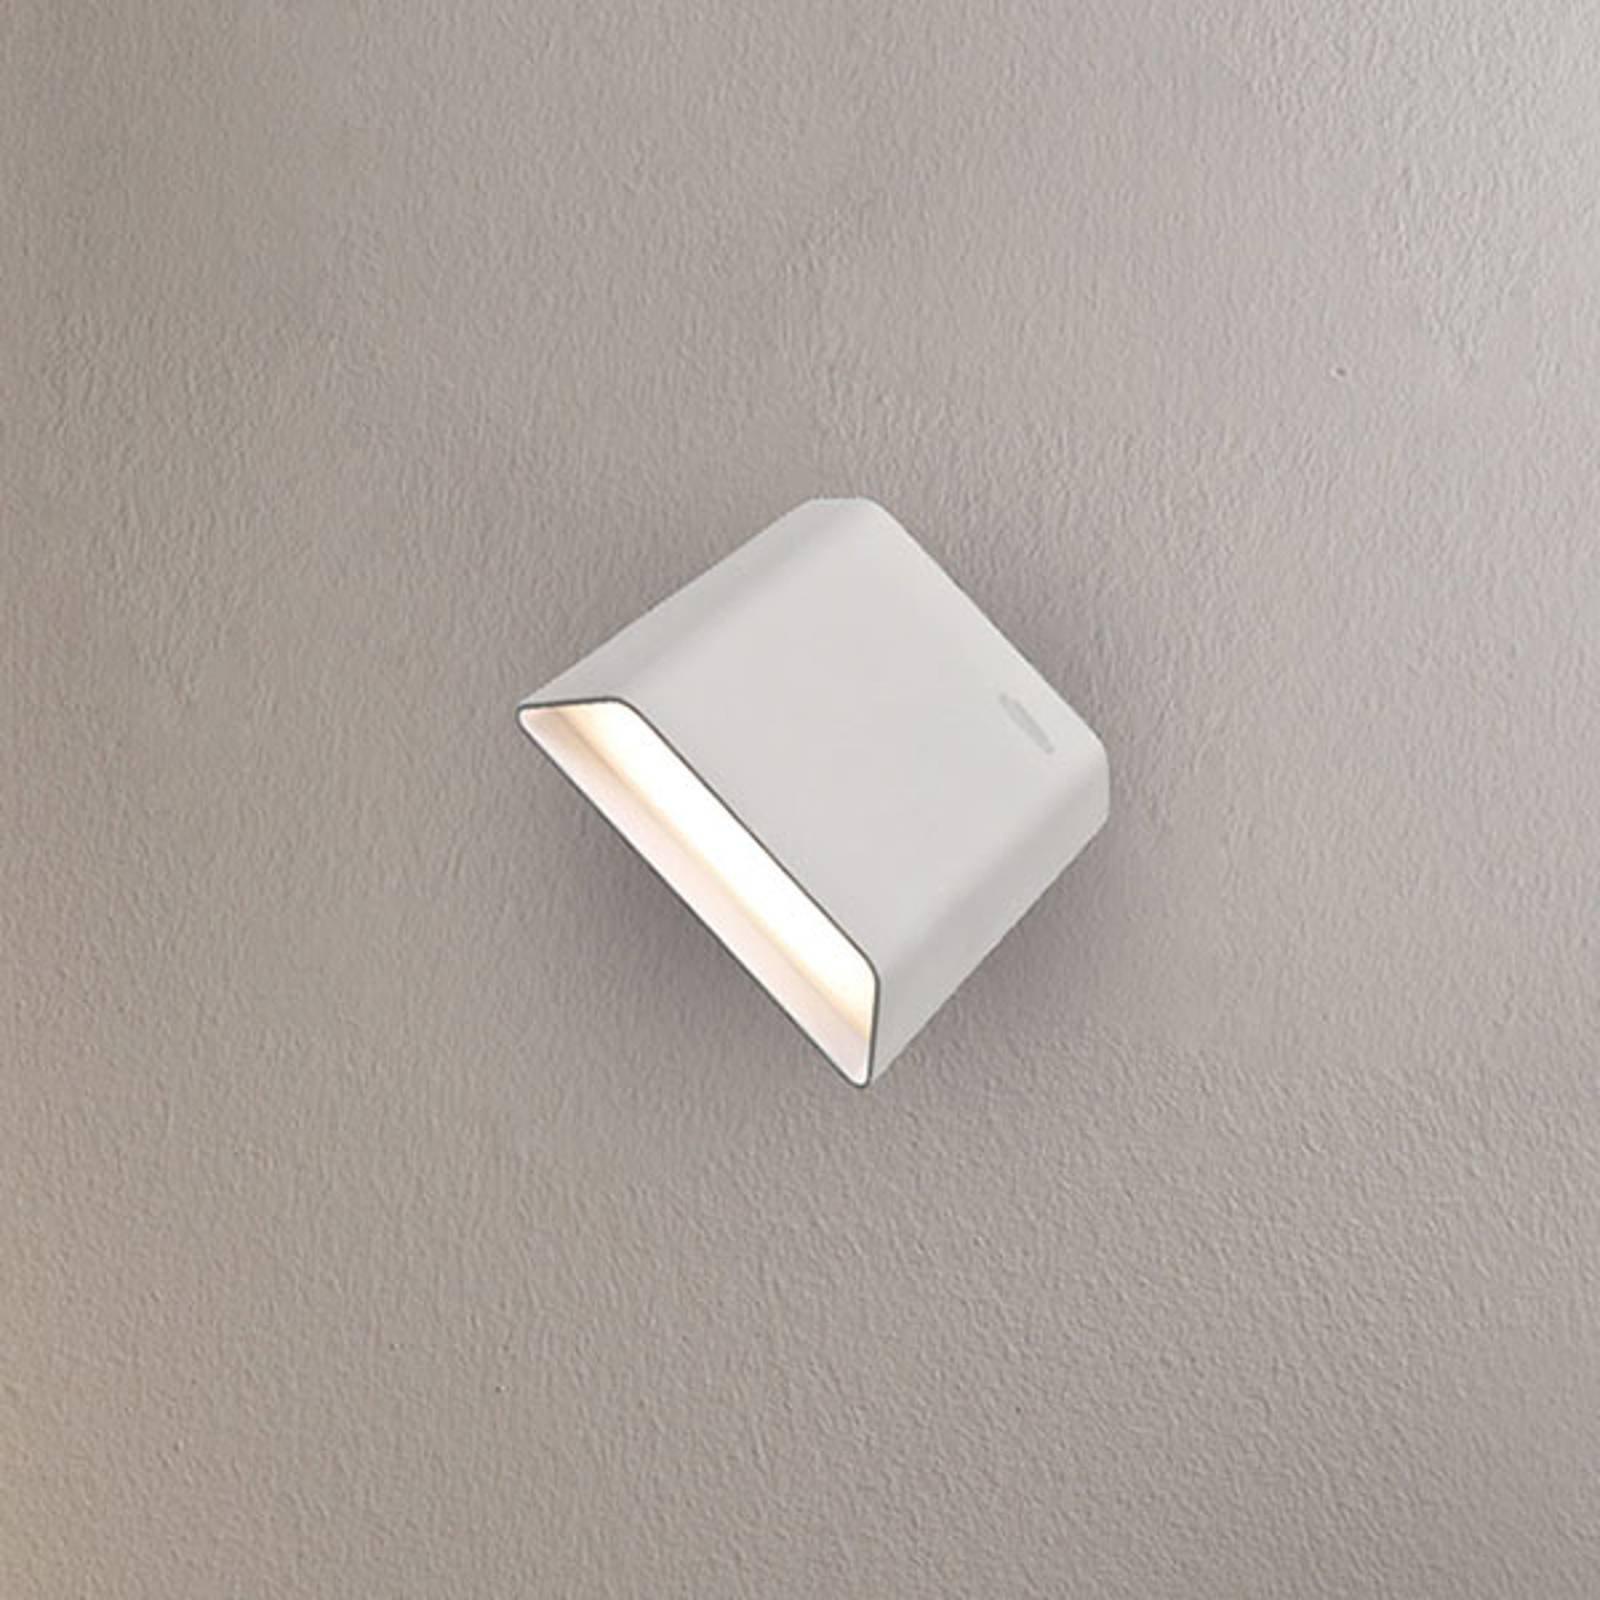 LED-vegglampe Biak, dreie- og vippbar, hvit